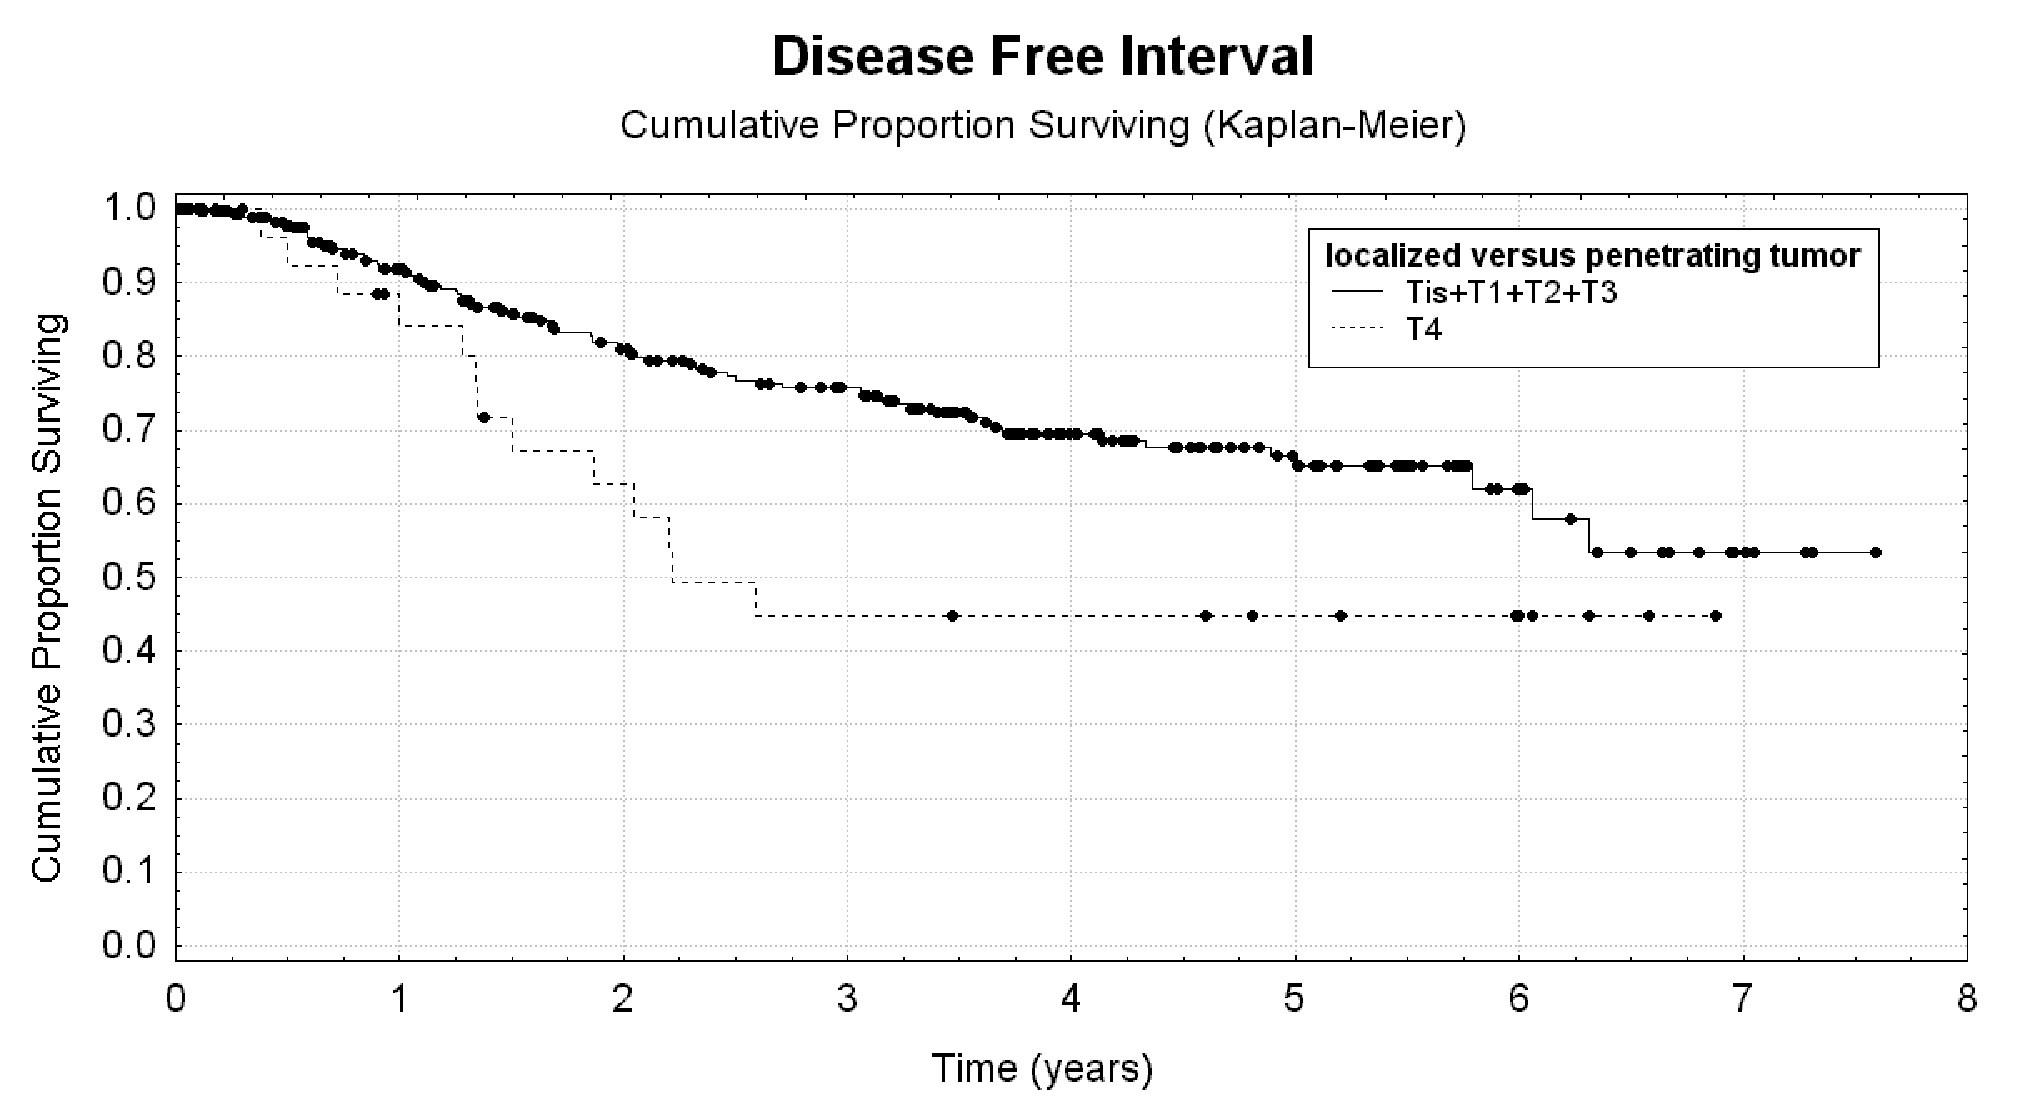 Lokální pokročilost nádoru jako rizikový faktor krátkého bezpříznakového přežití nemocných. Graph 3: Local malignancy stage as a risk factor for short disease free interval